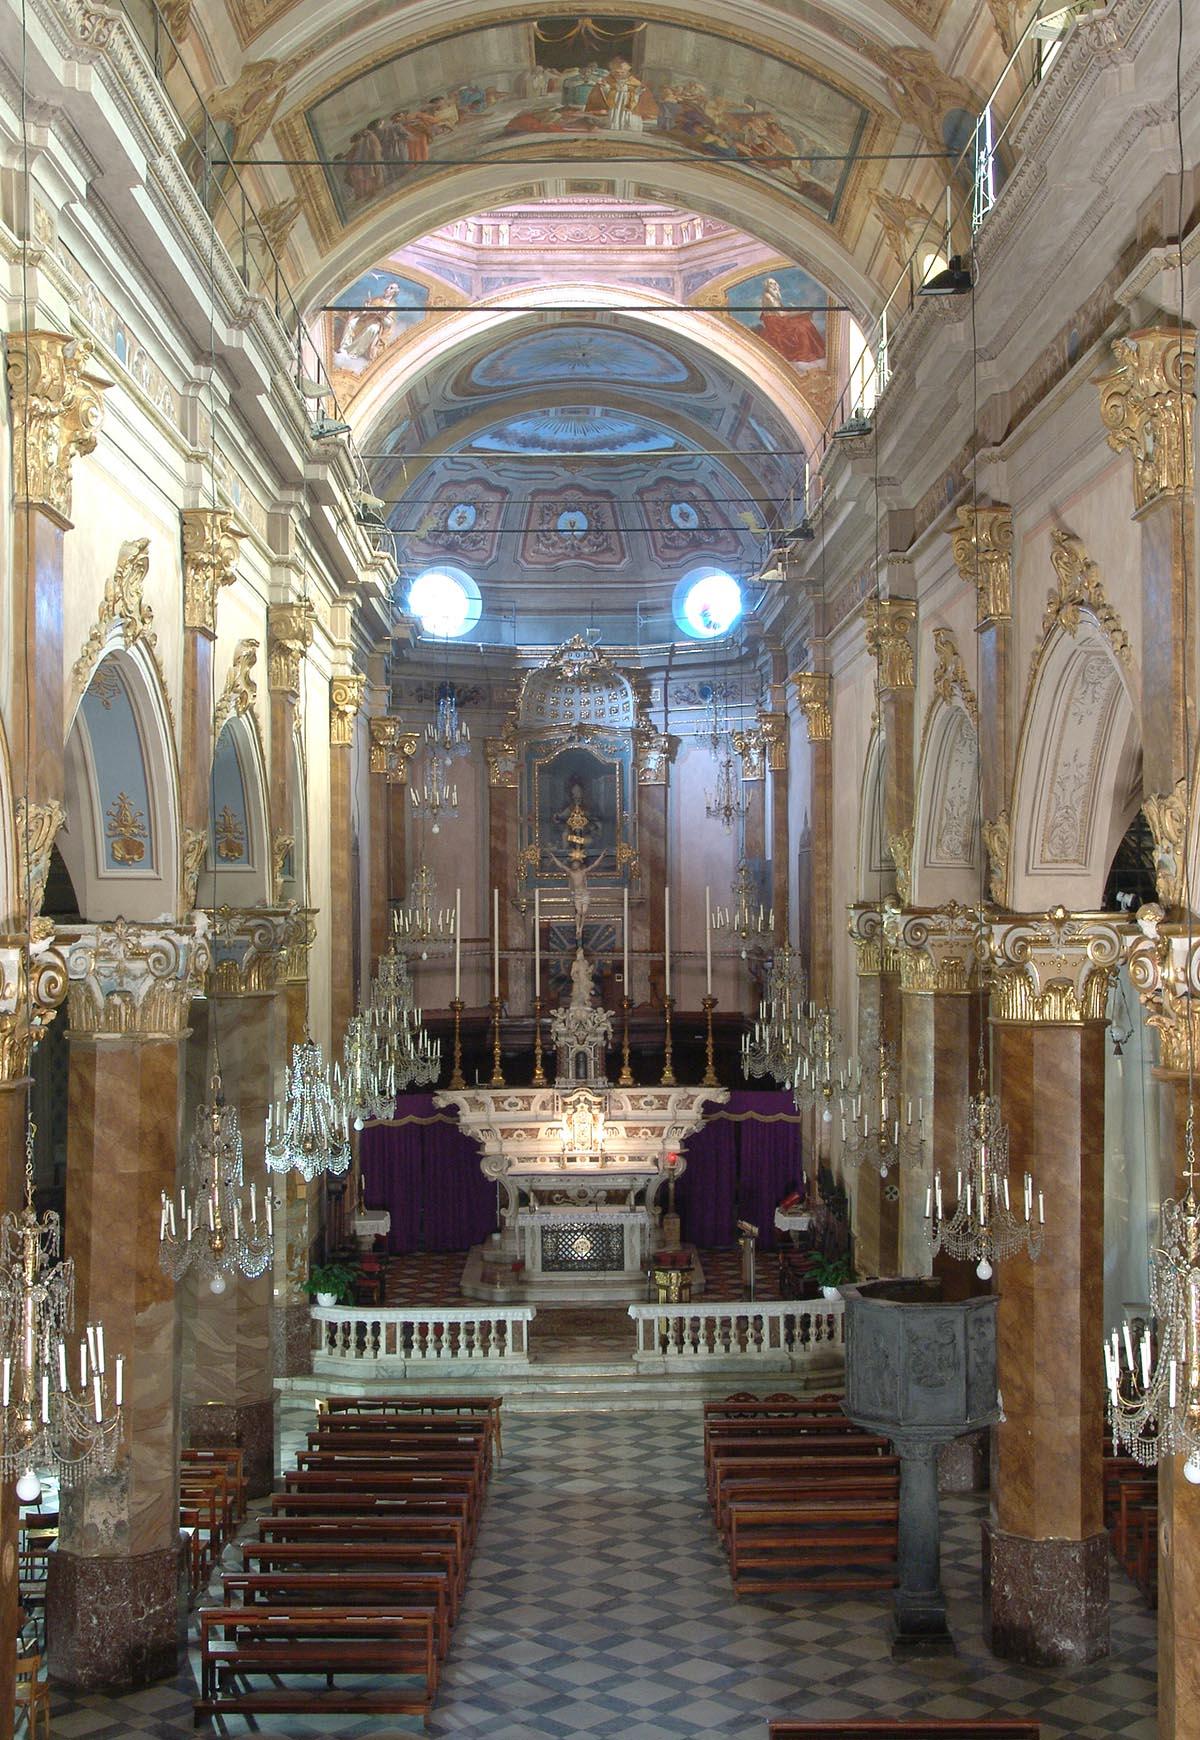 La collegiata di Sant'Ambrogio dopo l'opera di restauro di Formento Restauri, ditta edile con sede a Finale Ligure, Savona.